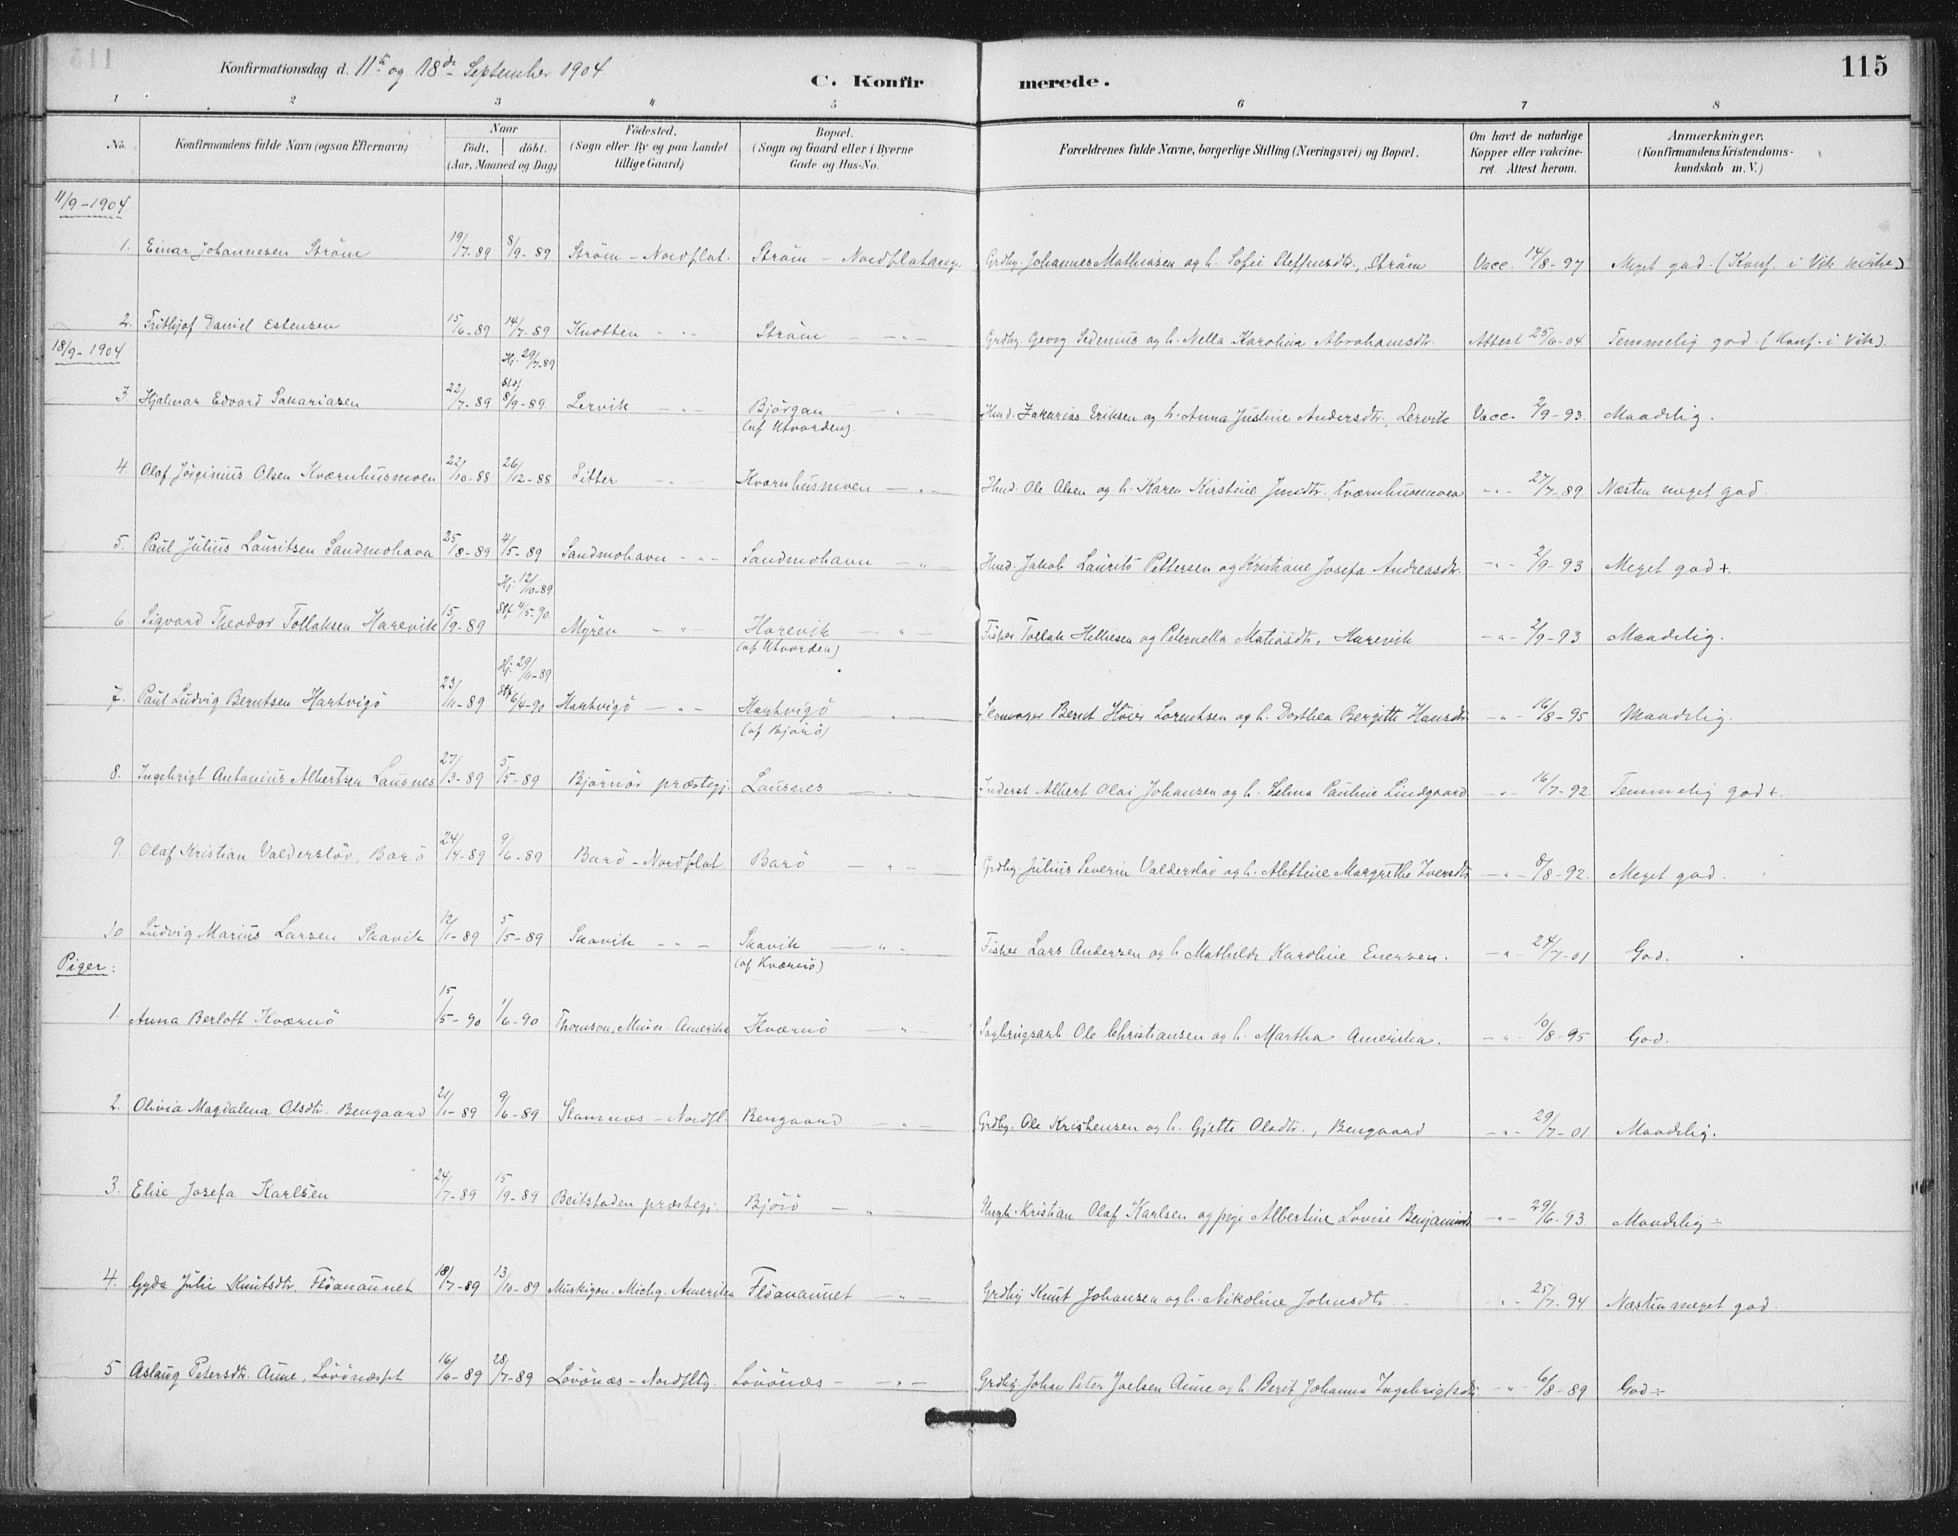 SAT, Ministerialprotokoller, klokkerbøker og fødselsregistre - Nord-Trøndelag, 772/L0603: Ministerialbok nr. 772A01, 1885-1912, s. 115